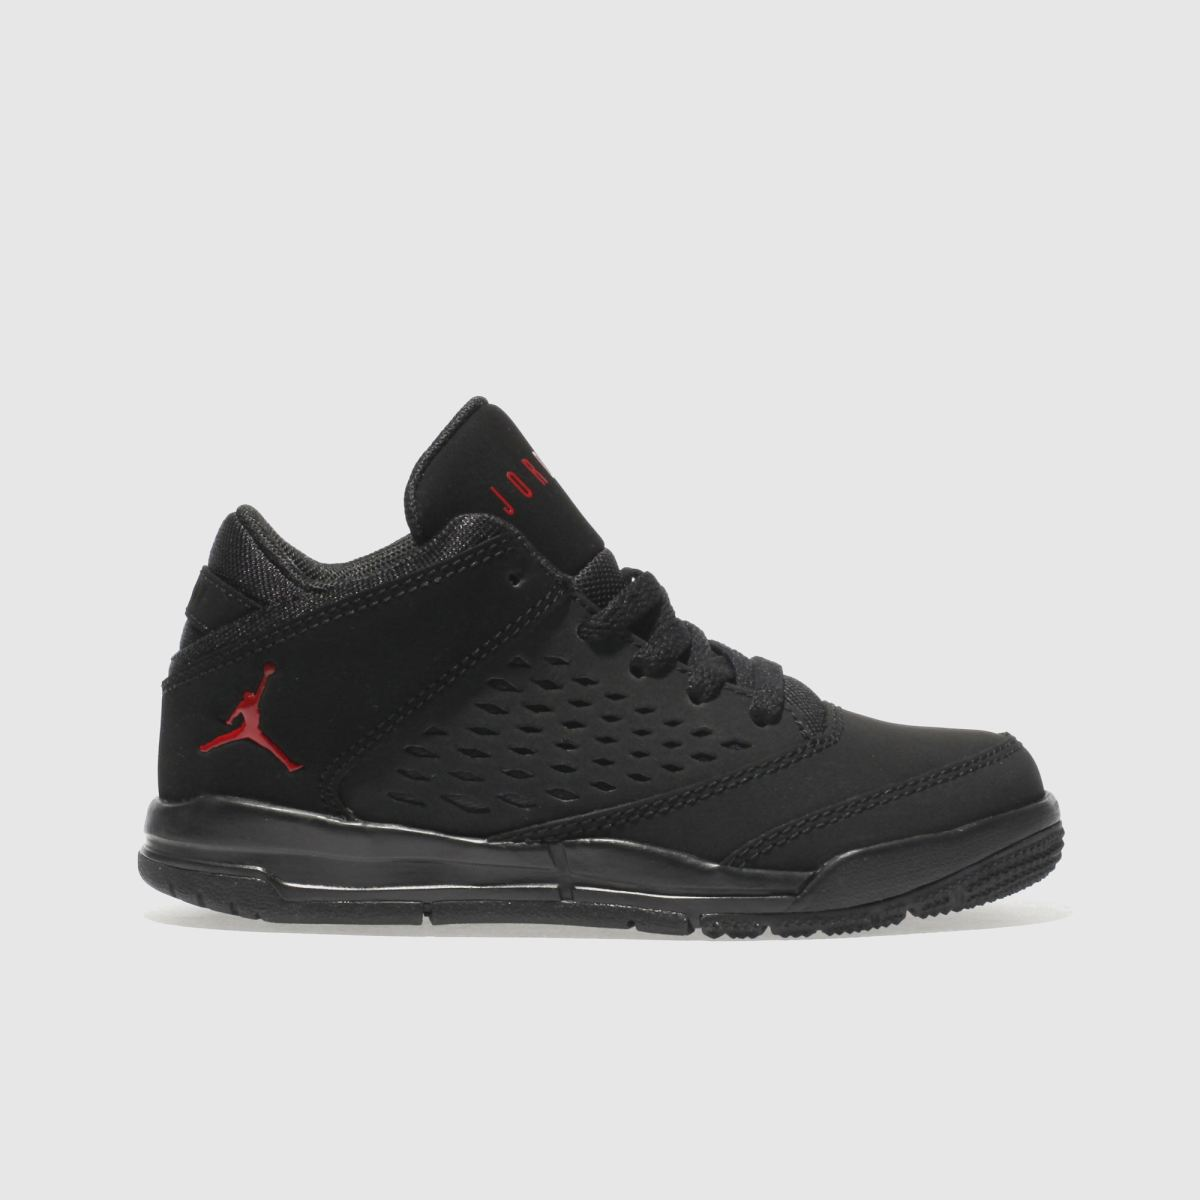 Nike Jordan Black & Red Flight Origin 4 Junior Trainers